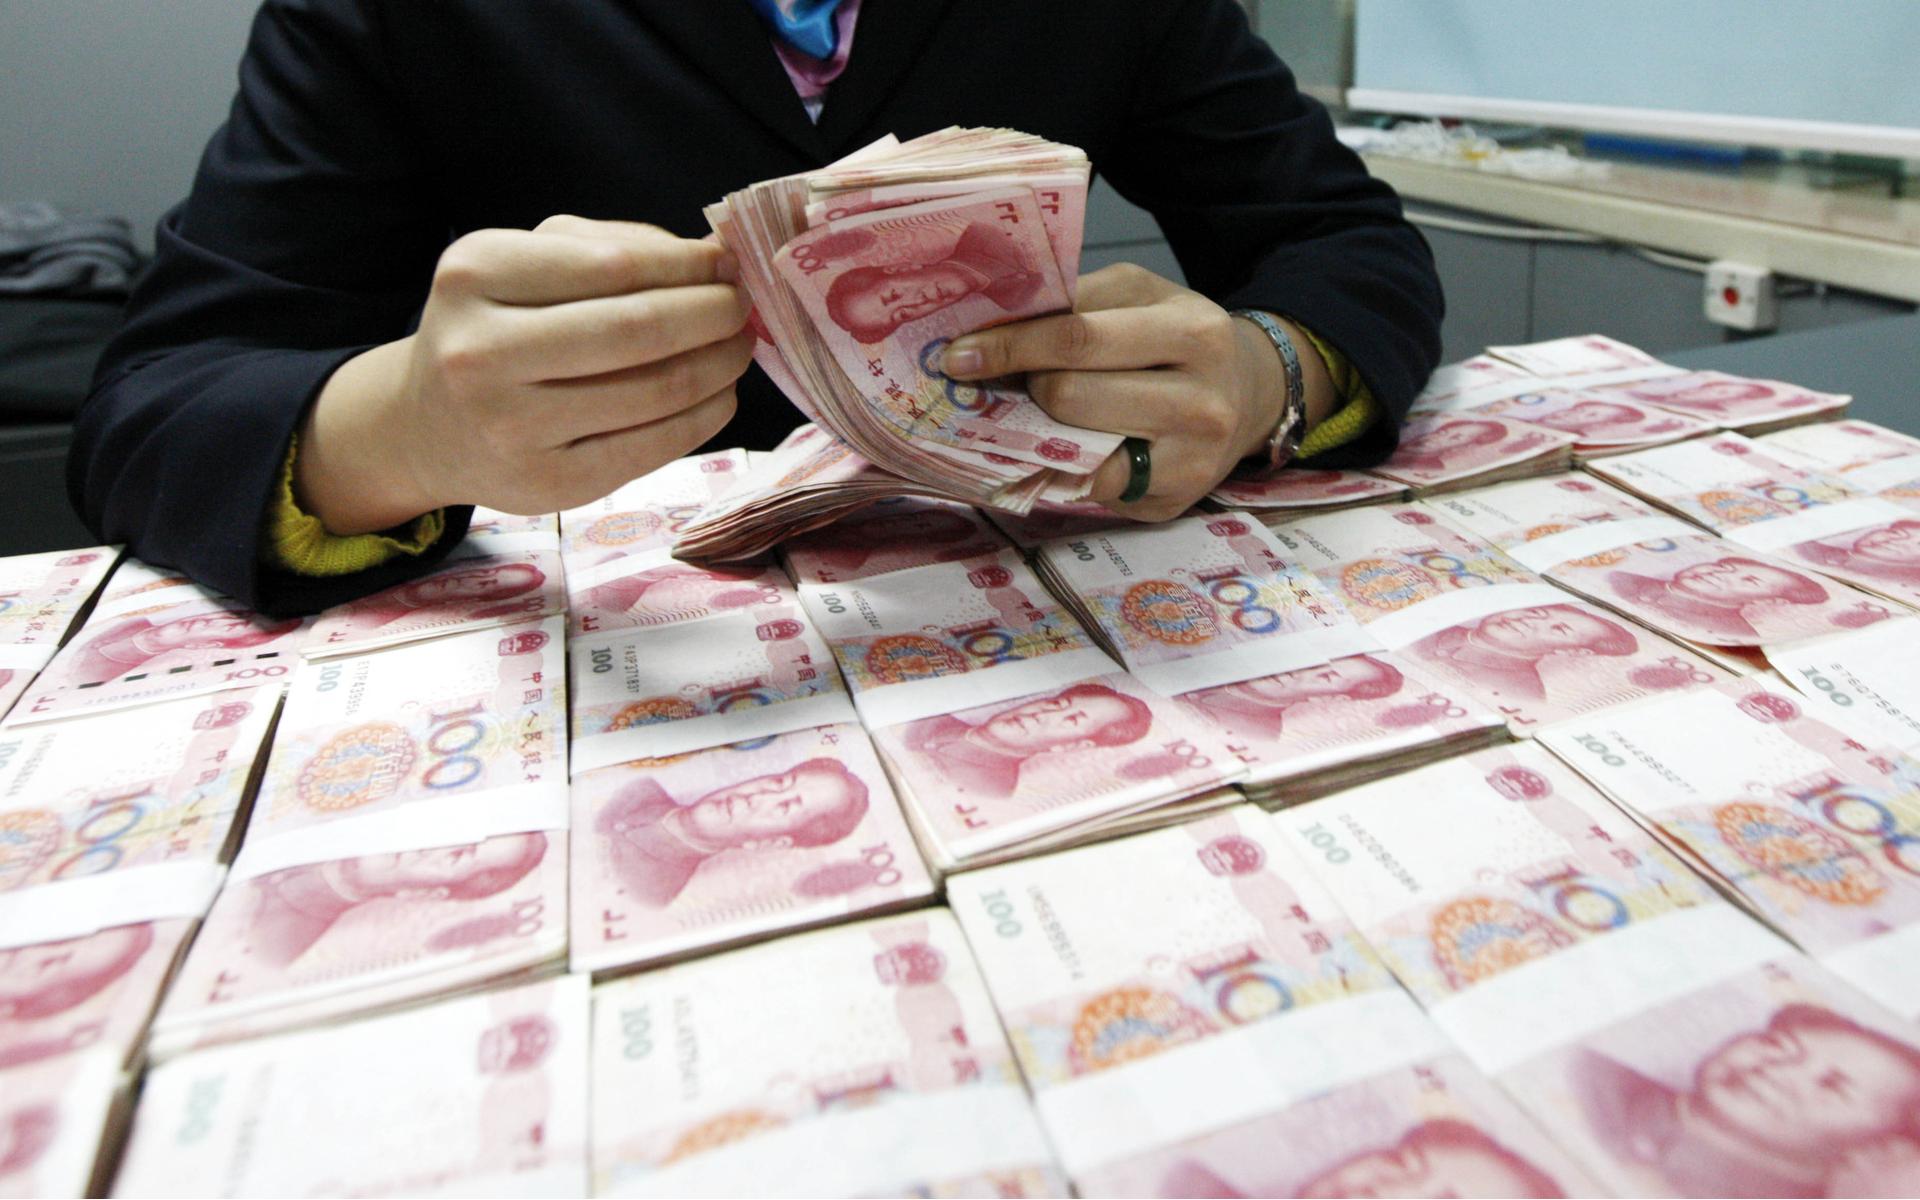 Btc kinija sustabdo kinijos rmb indėlius - Bitcoin